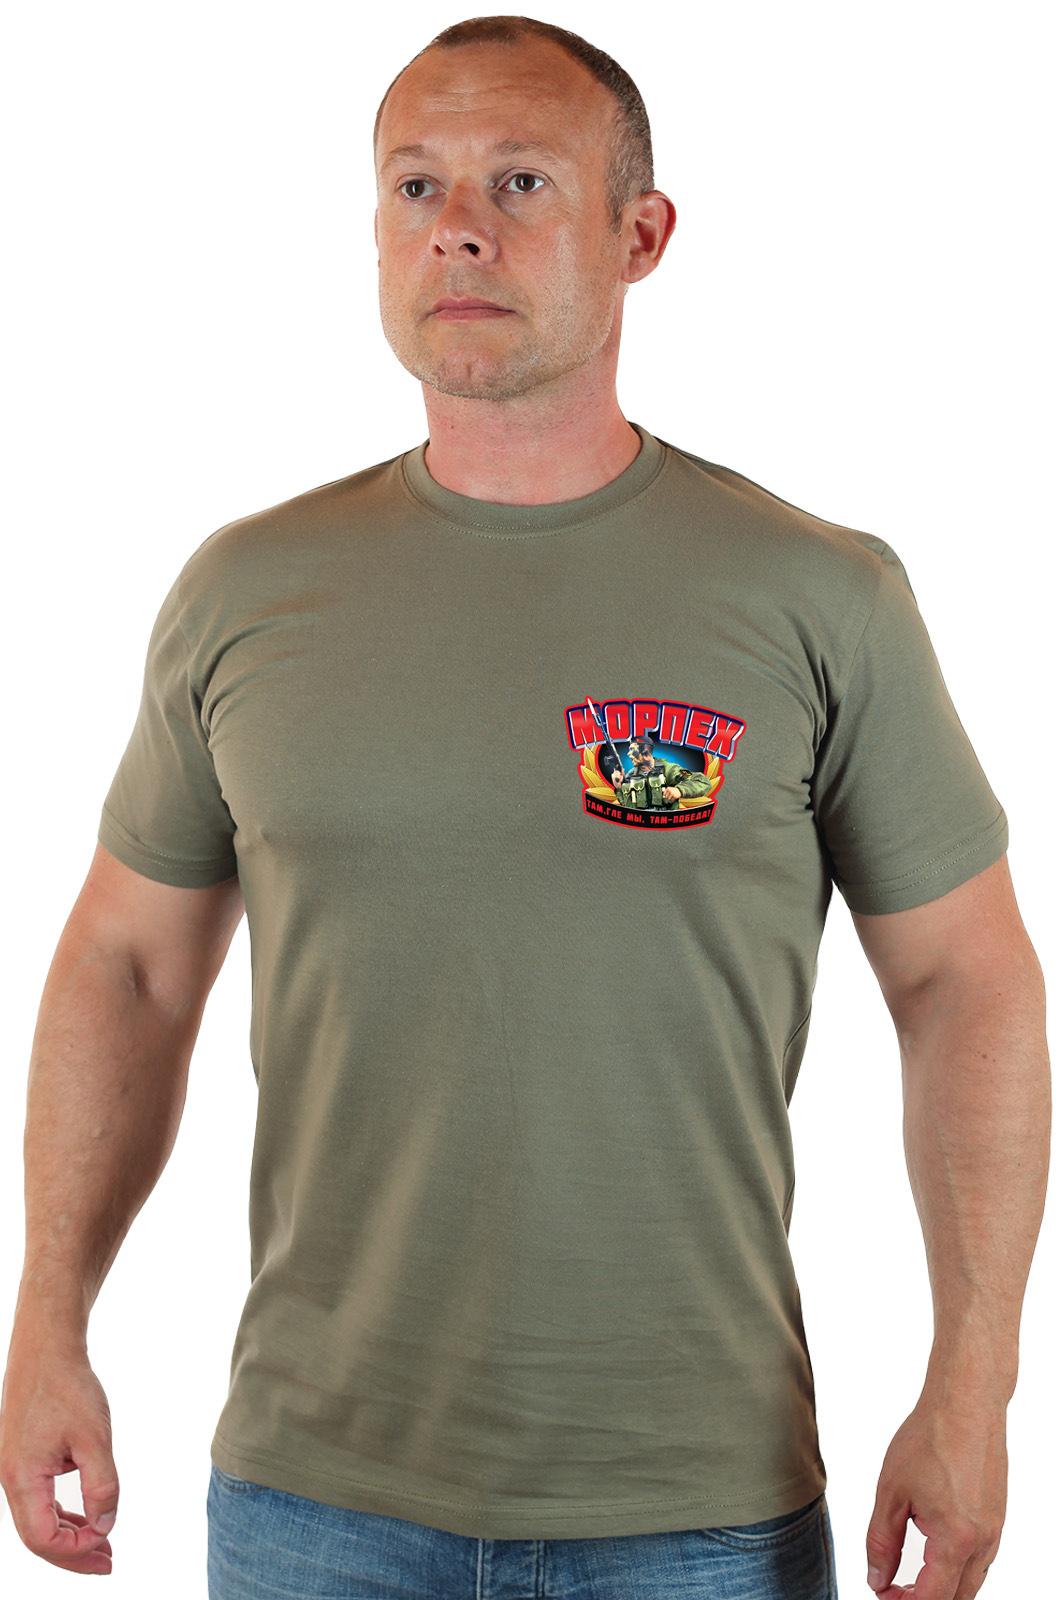 Мужские футболки с символикой Морской пехоты России